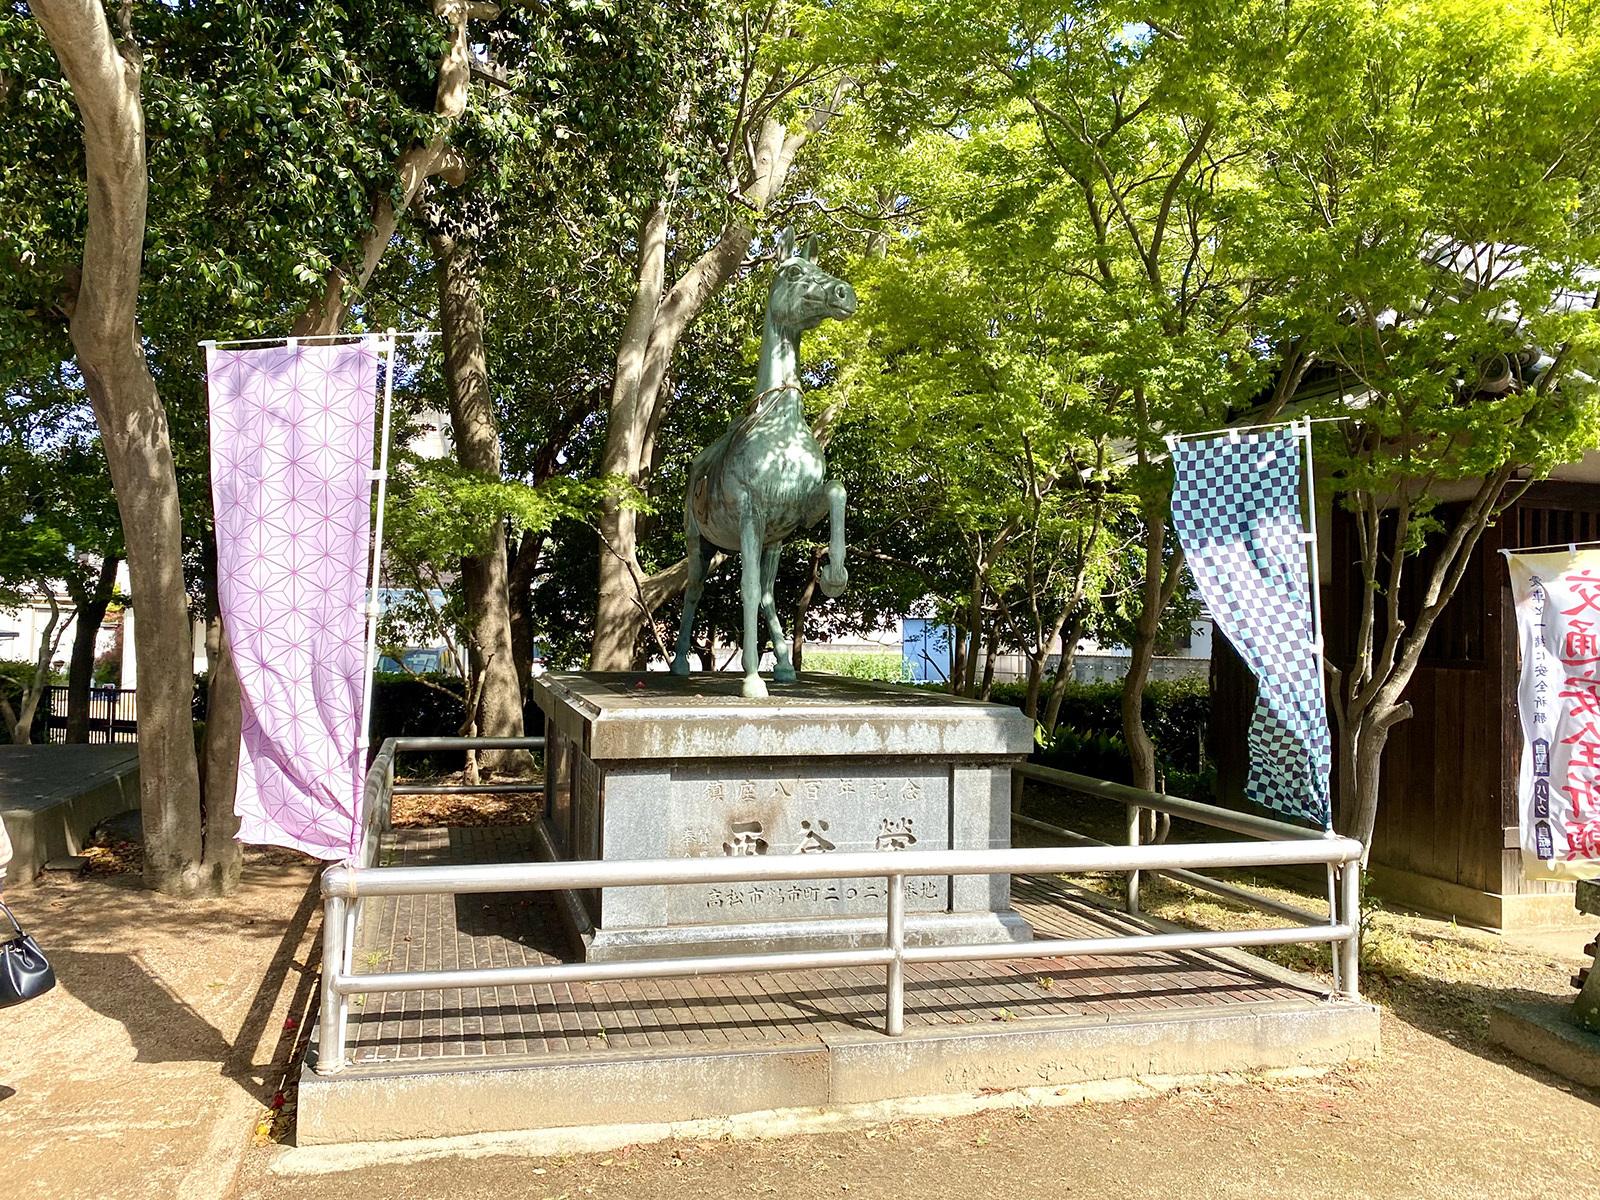 岩田神社 08 幟の柄が・・・